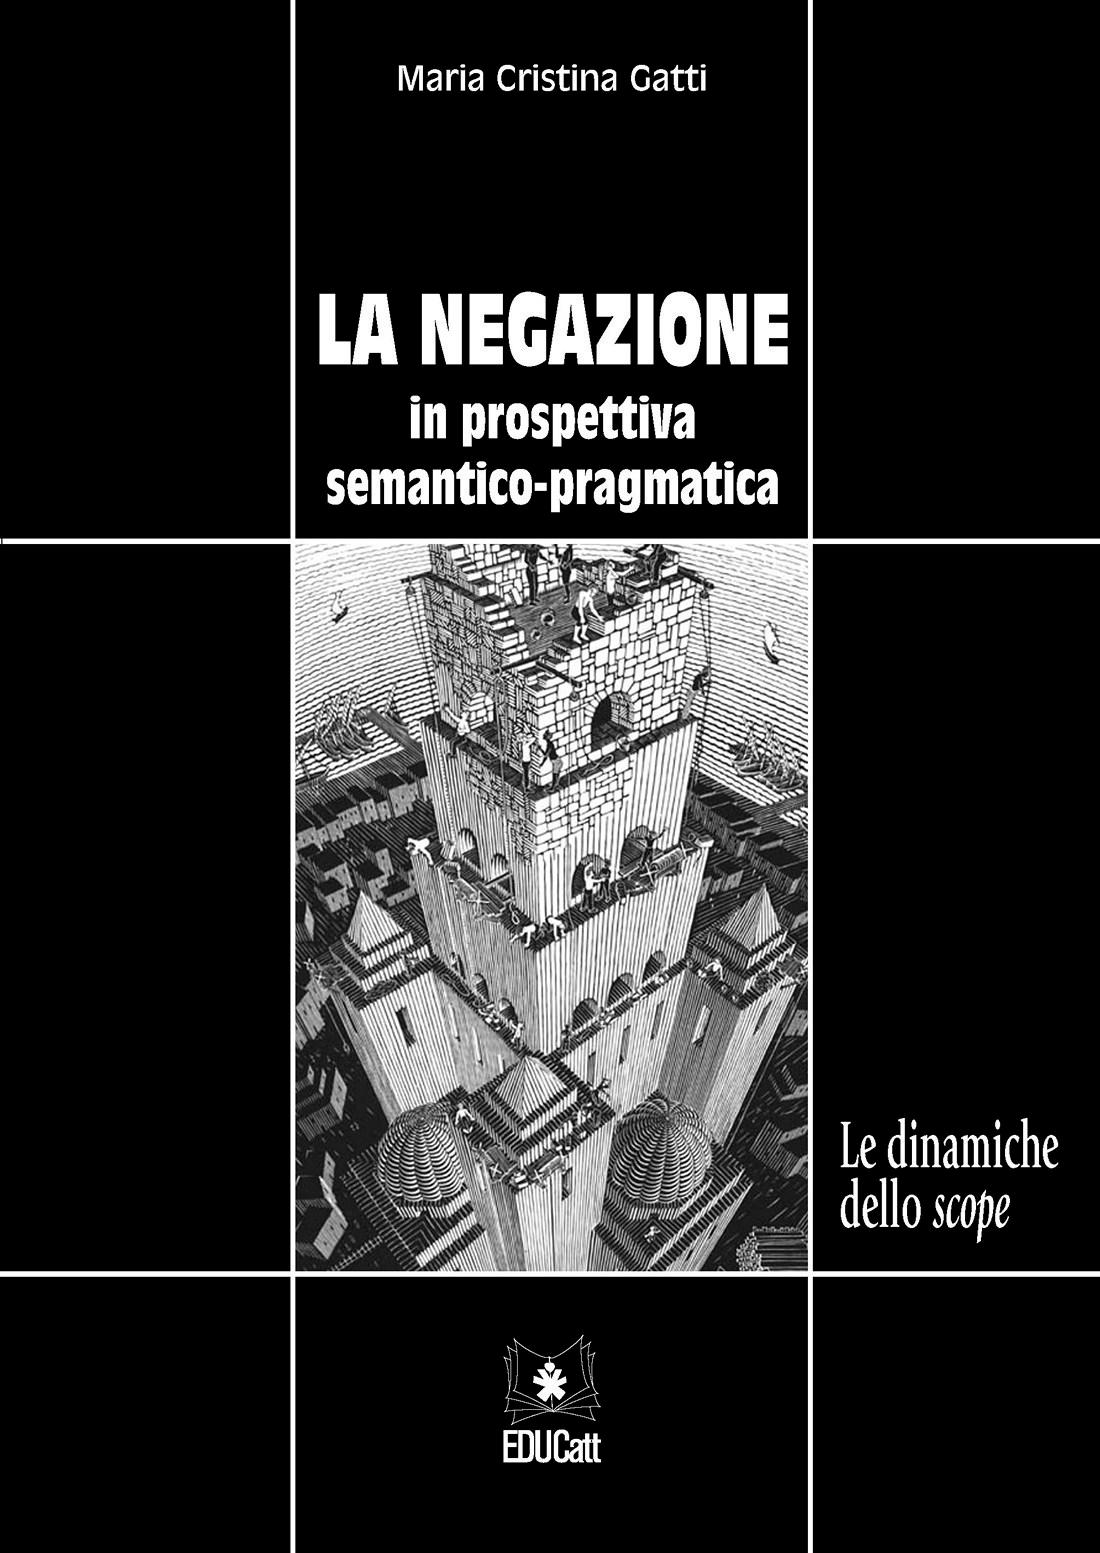 LA NEGAZIONE IN PROSPETTIVA SEMANTICO-PRAGMATICA. LE DINAMICHE DELLO SCOPE